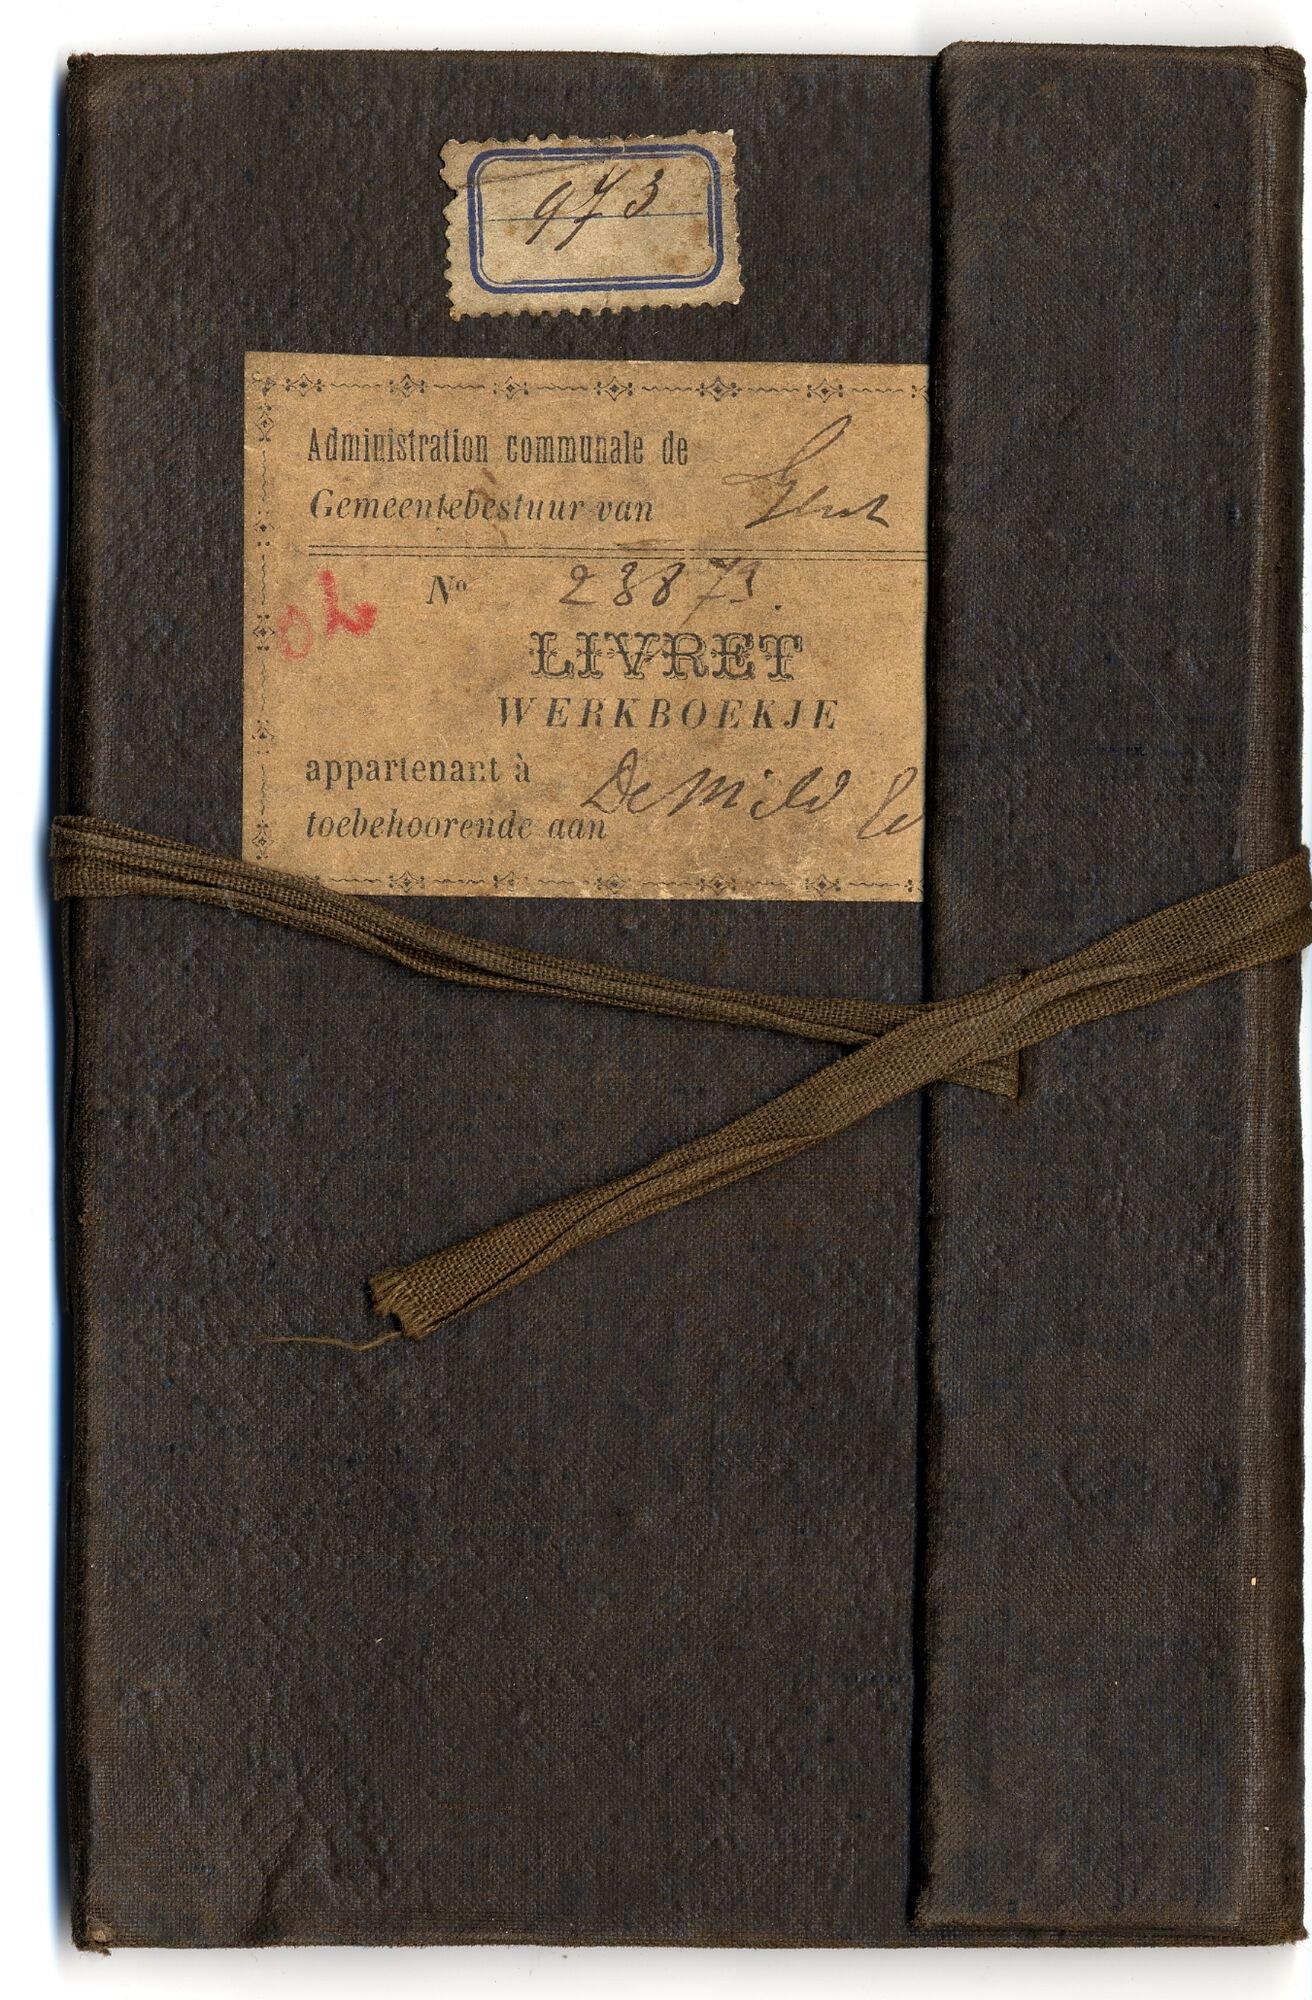 Werkboekje van Edmondus De Mild